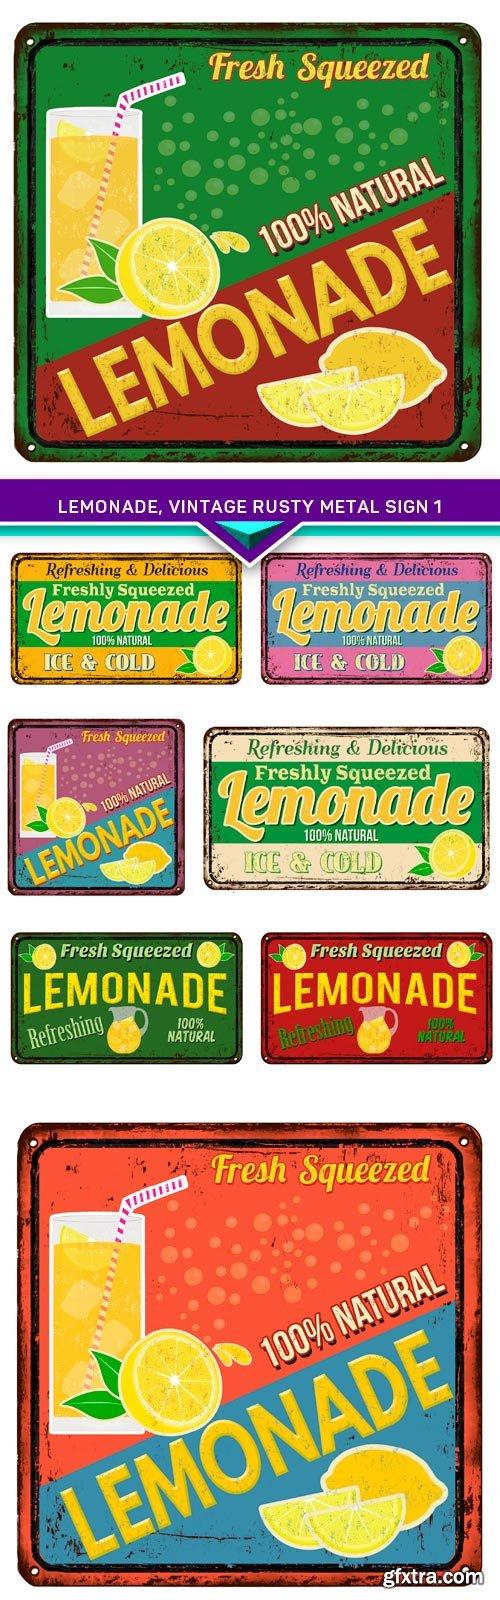 Lemonade, vintage rusty metal sign 1 8x EPS